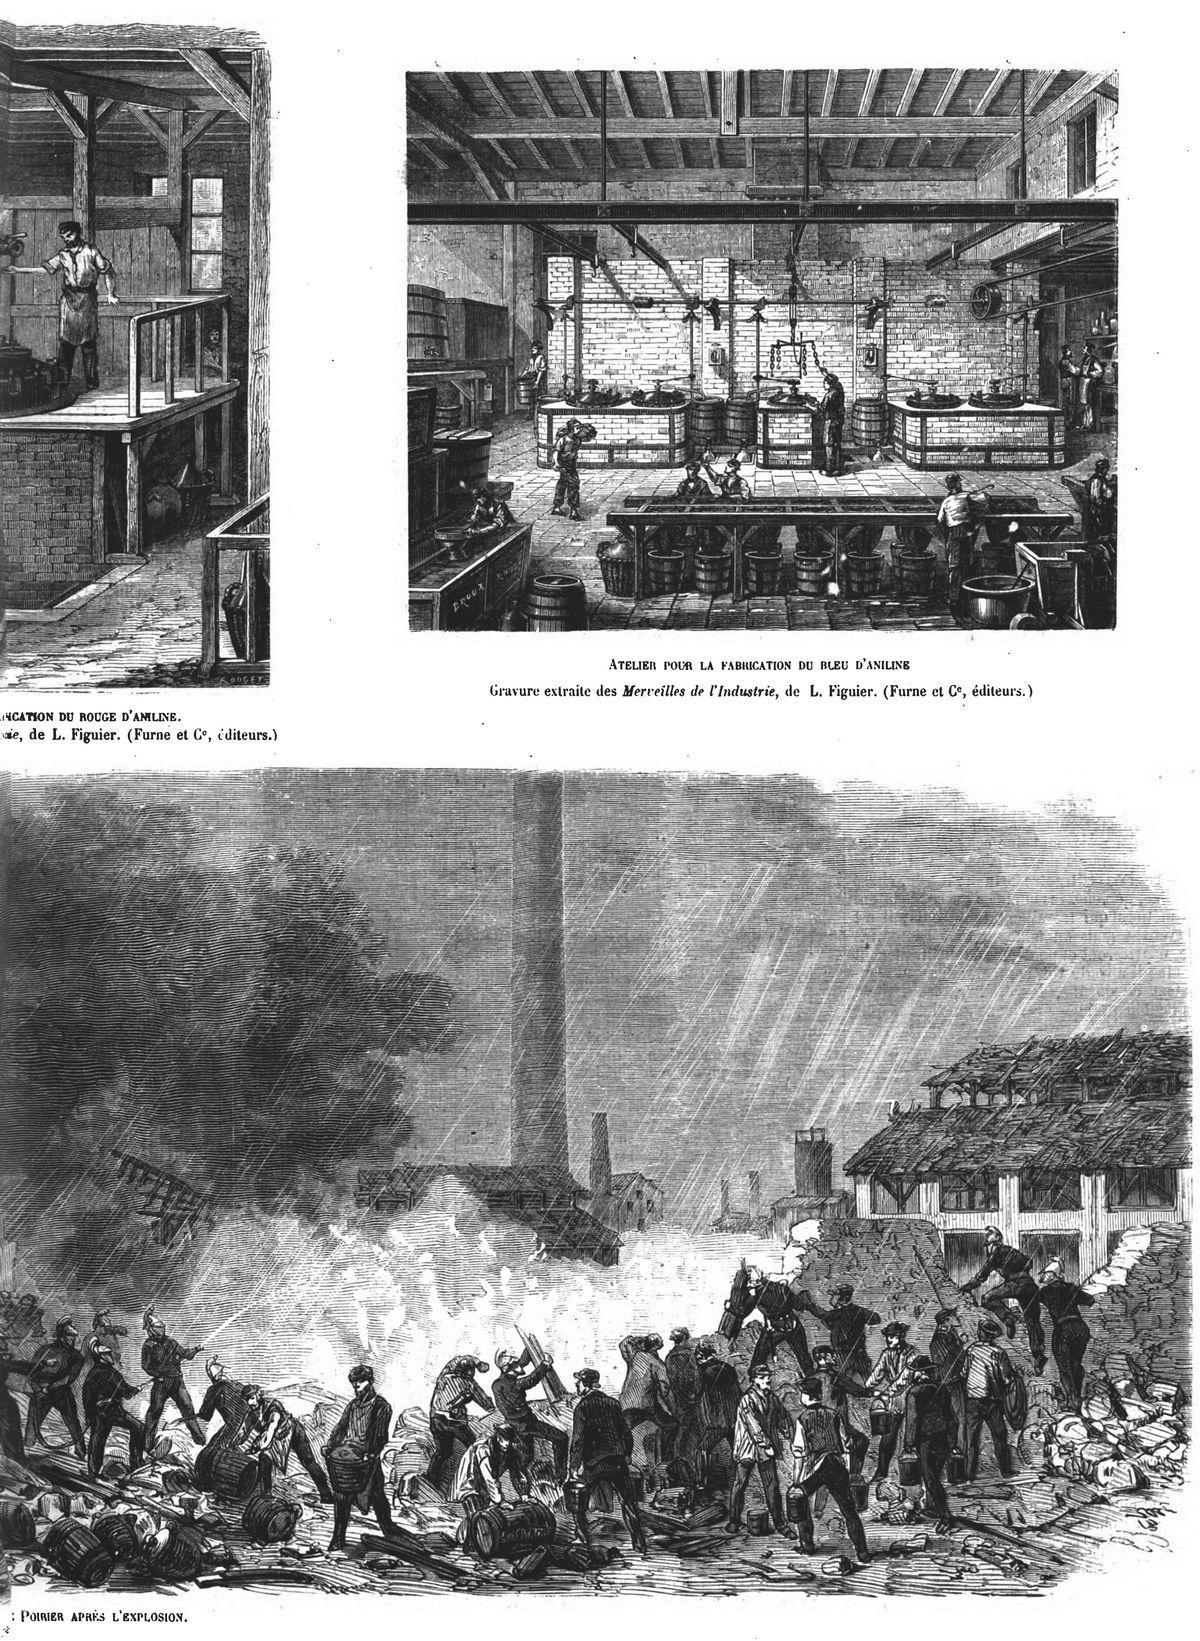 L'explosion de Saint-Denis : -Atelier pour la préparation du violet de Paris; Chaudière servant à la fabrication du rouge d'aniline; Atelier pour la fabrication du bleu d'aniline ; Aspect des ruines de l'usine Poirier après l'explosion